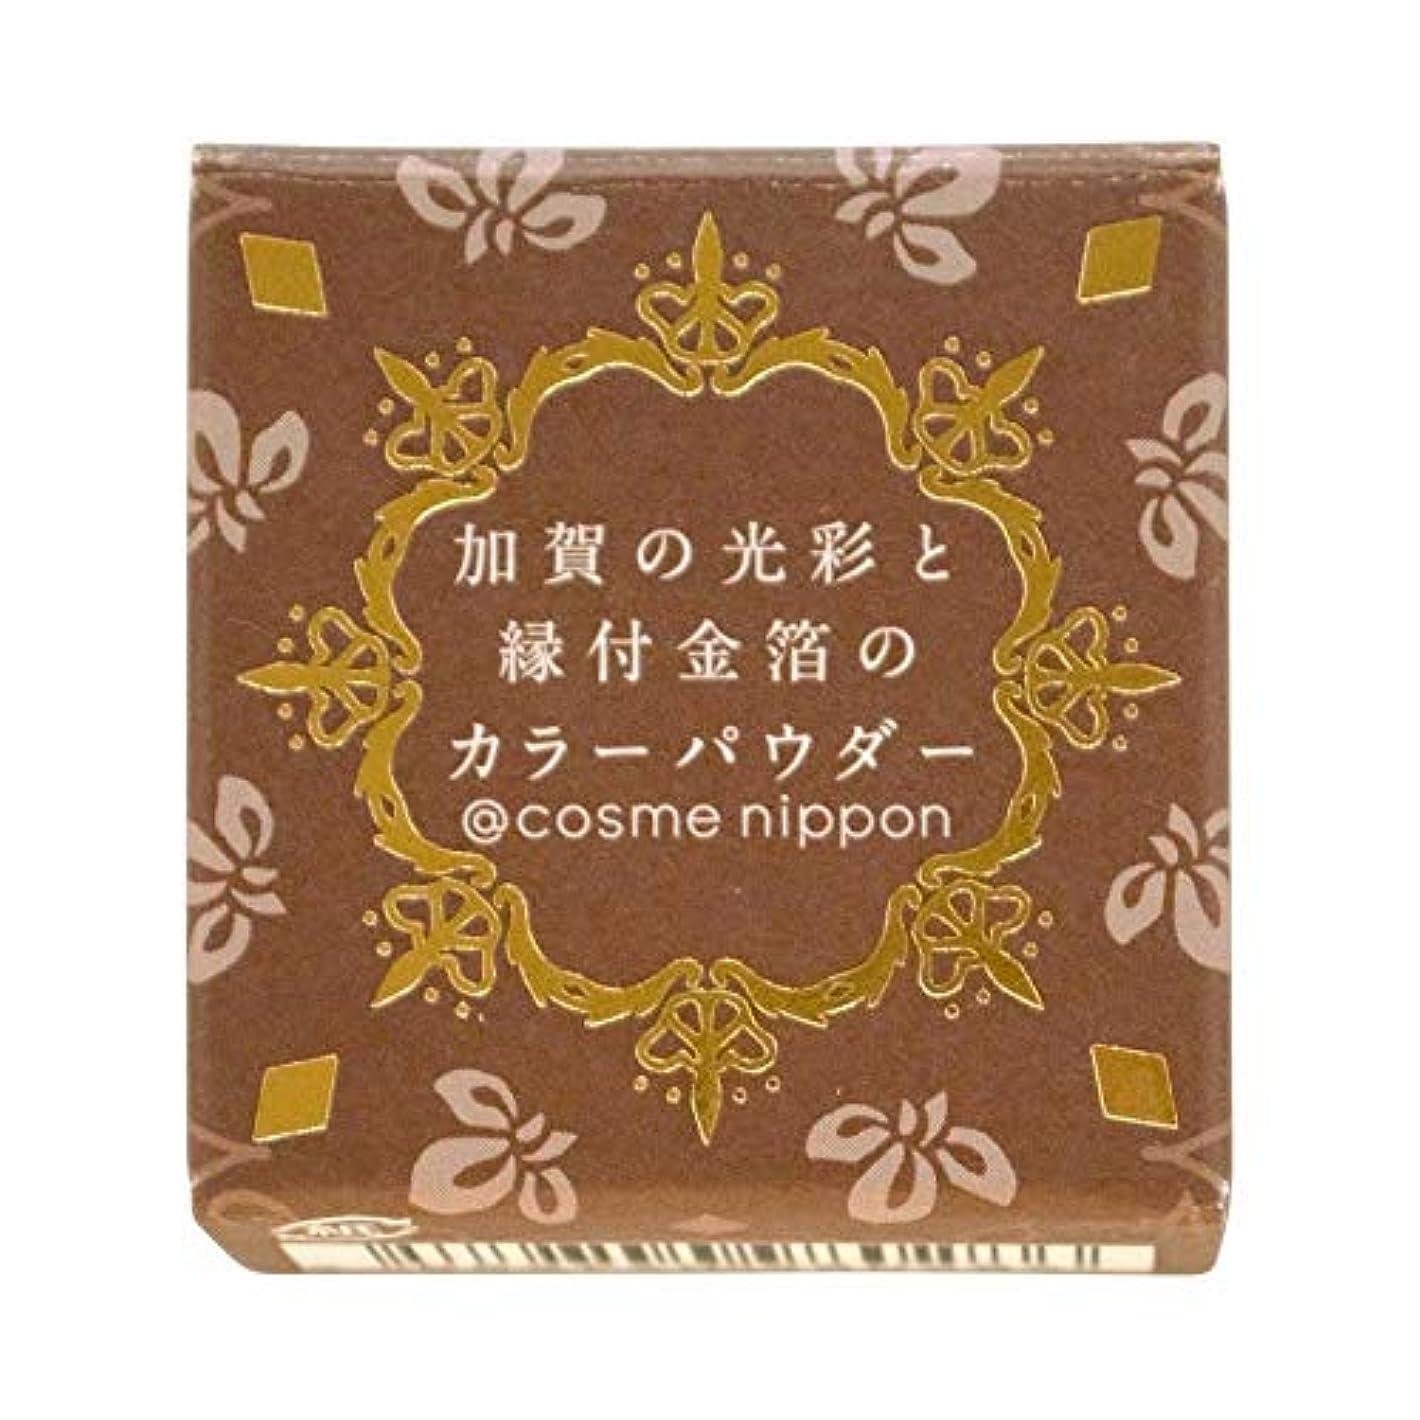 旅行者余分なとげのある友禅工芸 すずらん加賀の光彩と縁付け金箔のカラーパウダー04黄土おうど